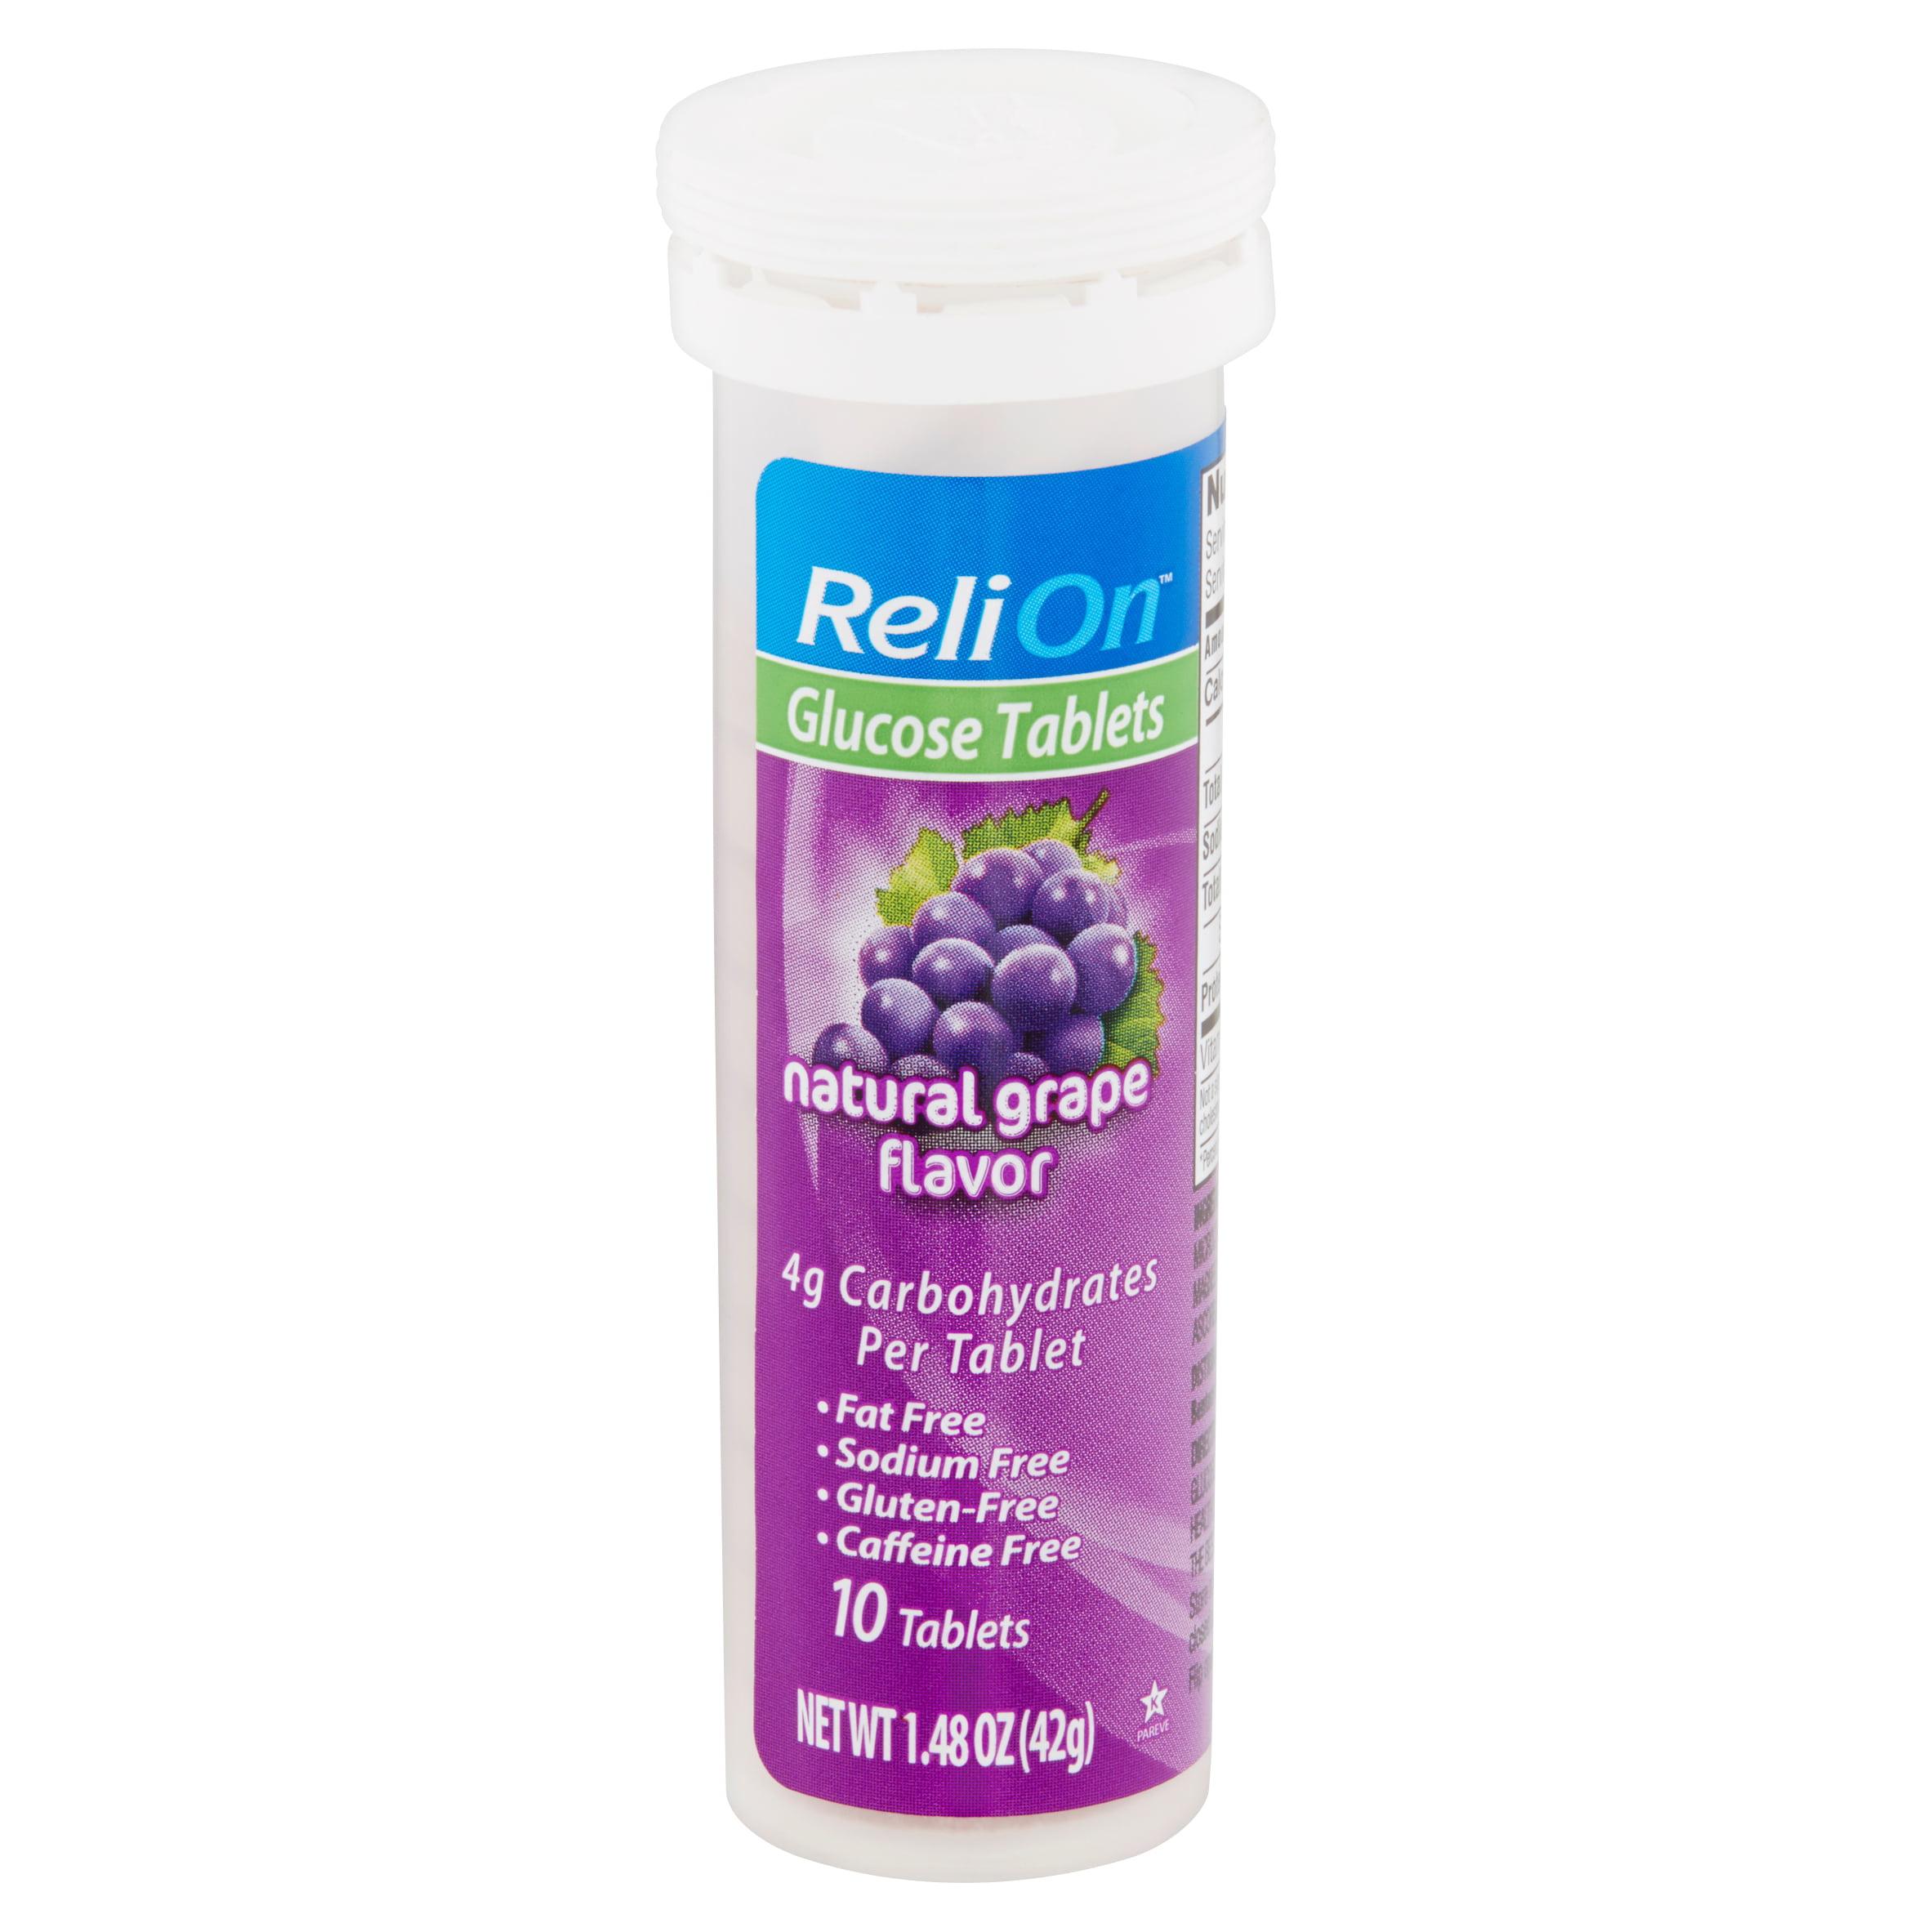 ReliOn Natural Grape Flavor Glucose Tablets, 10 count, 1.48 oz